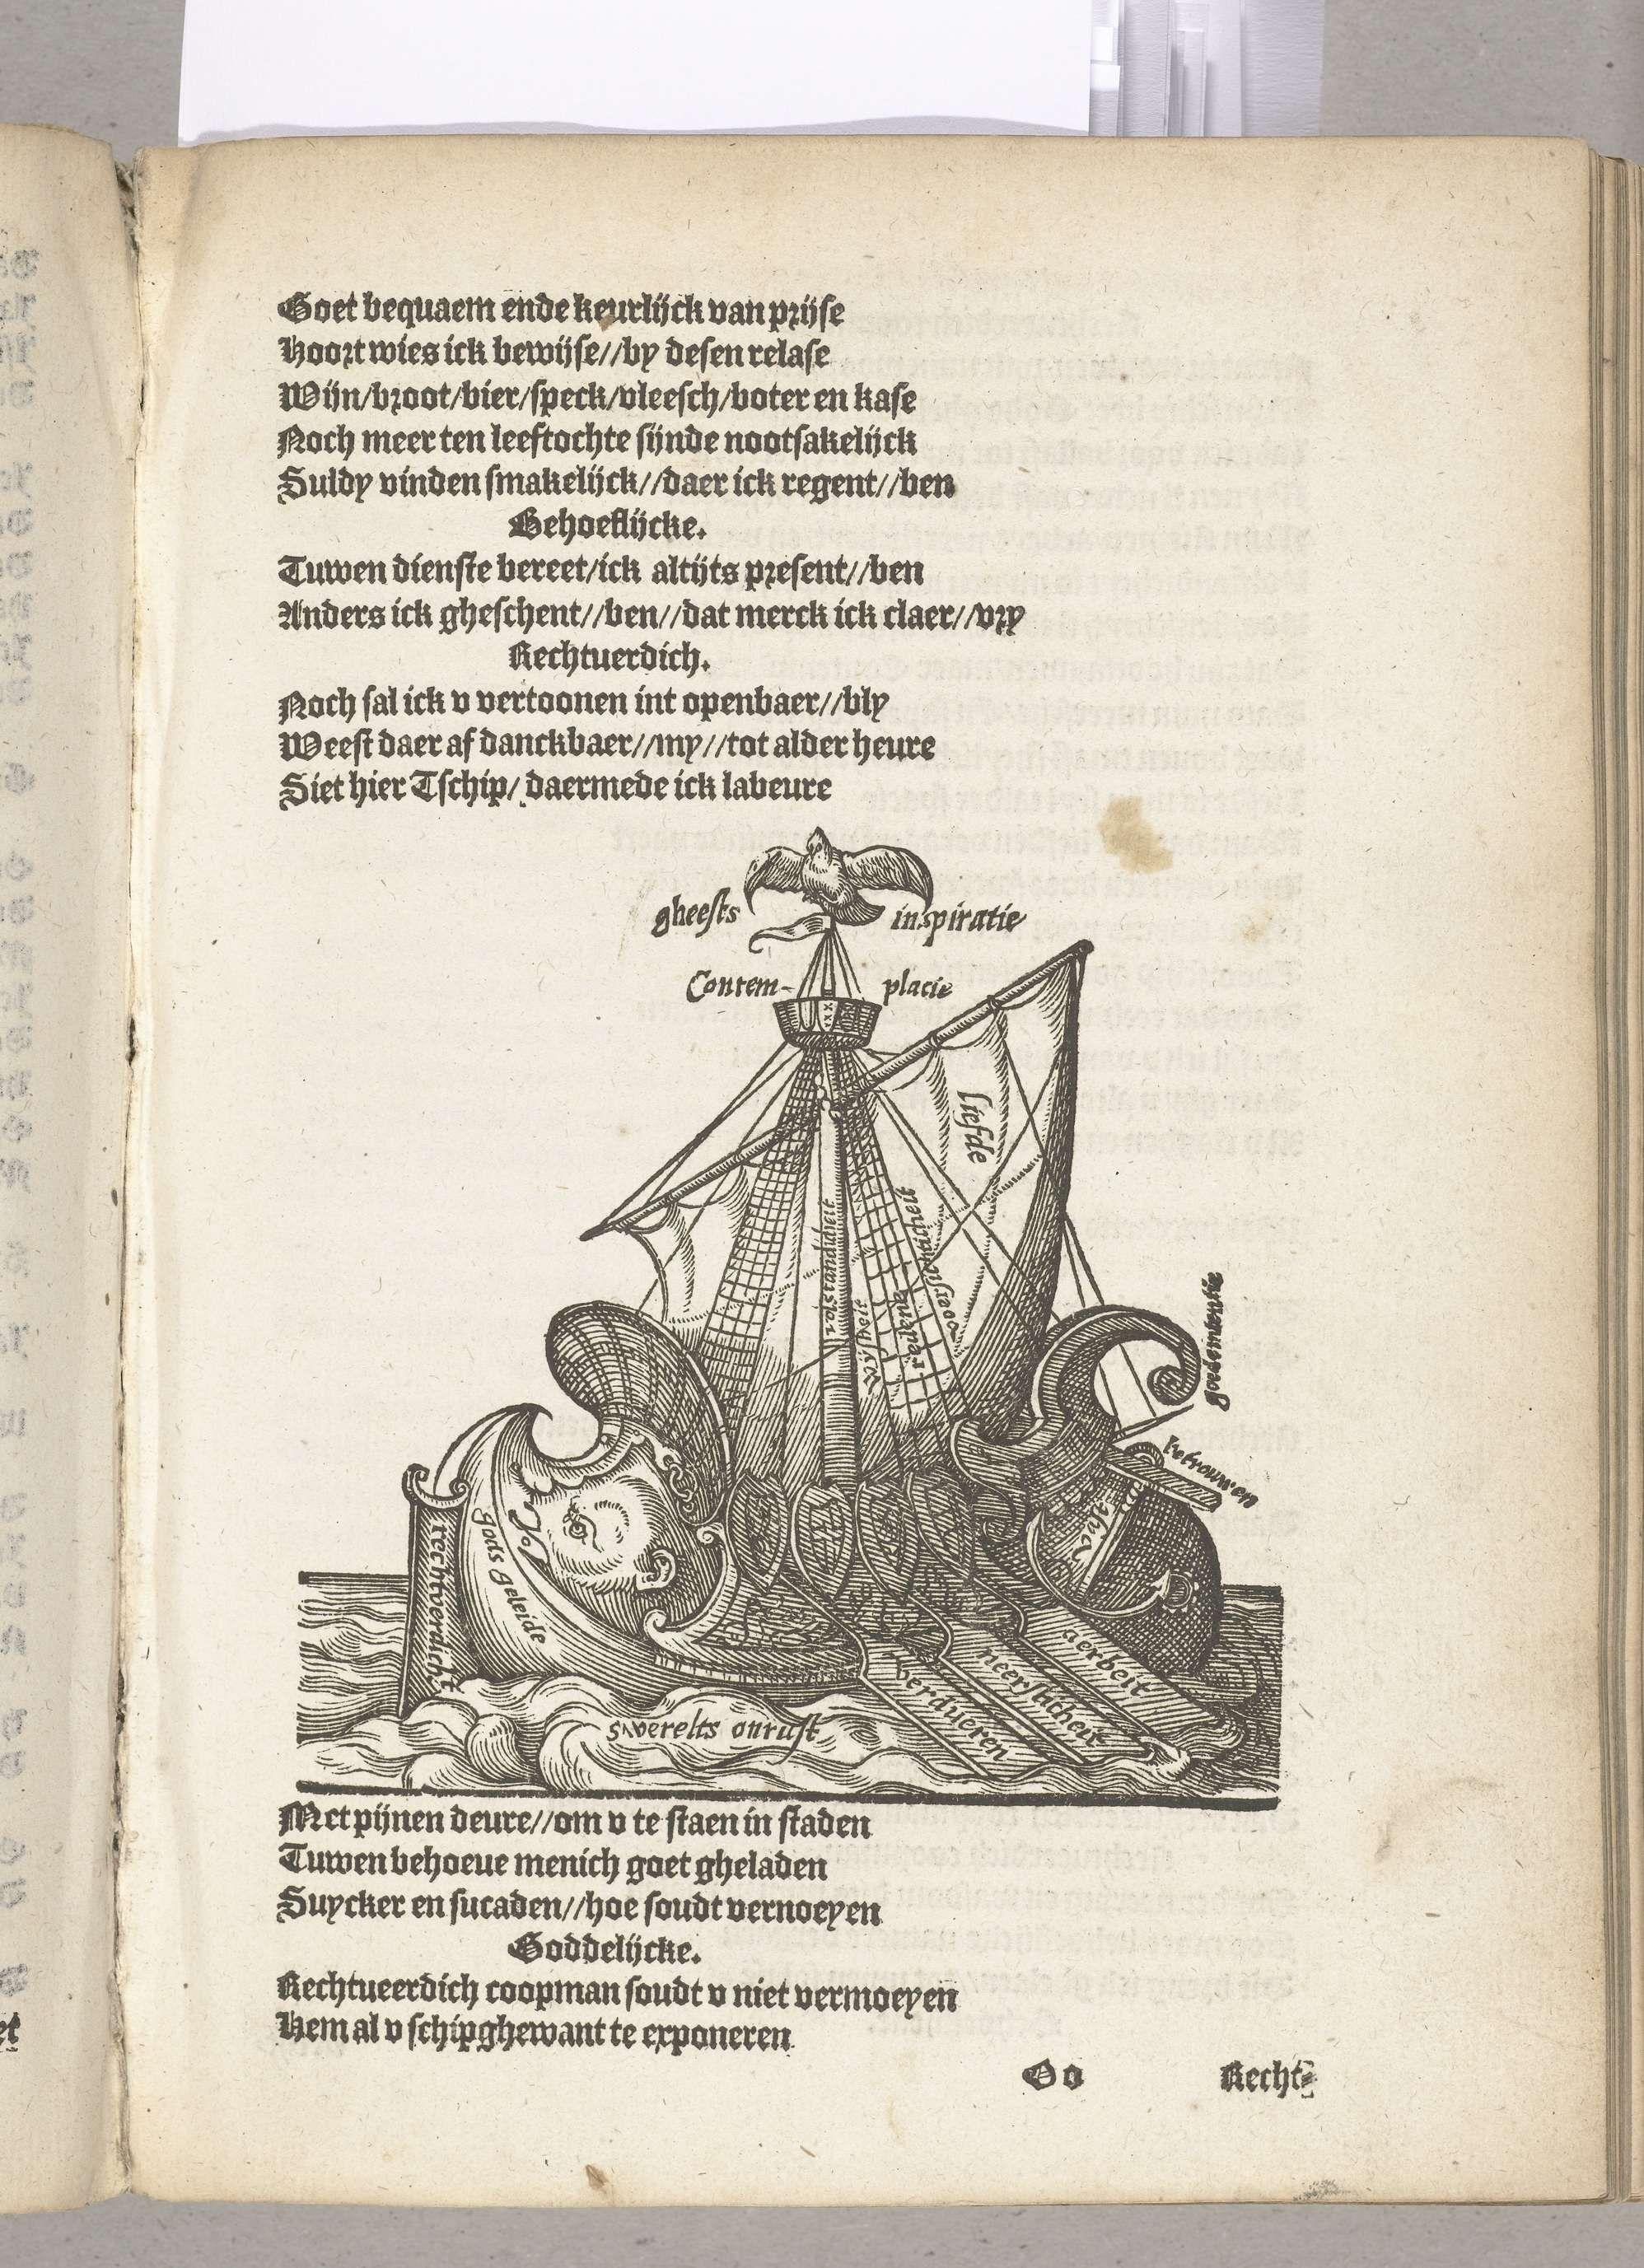 Anonymous | Blazoen van De Goudbloem (Vilvoorde), 1561, Anonymous, 1561 - 1562 | Blazoen van De Goudbloem, rederijkerskamer te Vilvoorde. Voor het Landjuweel van Antwerpen in 1561.